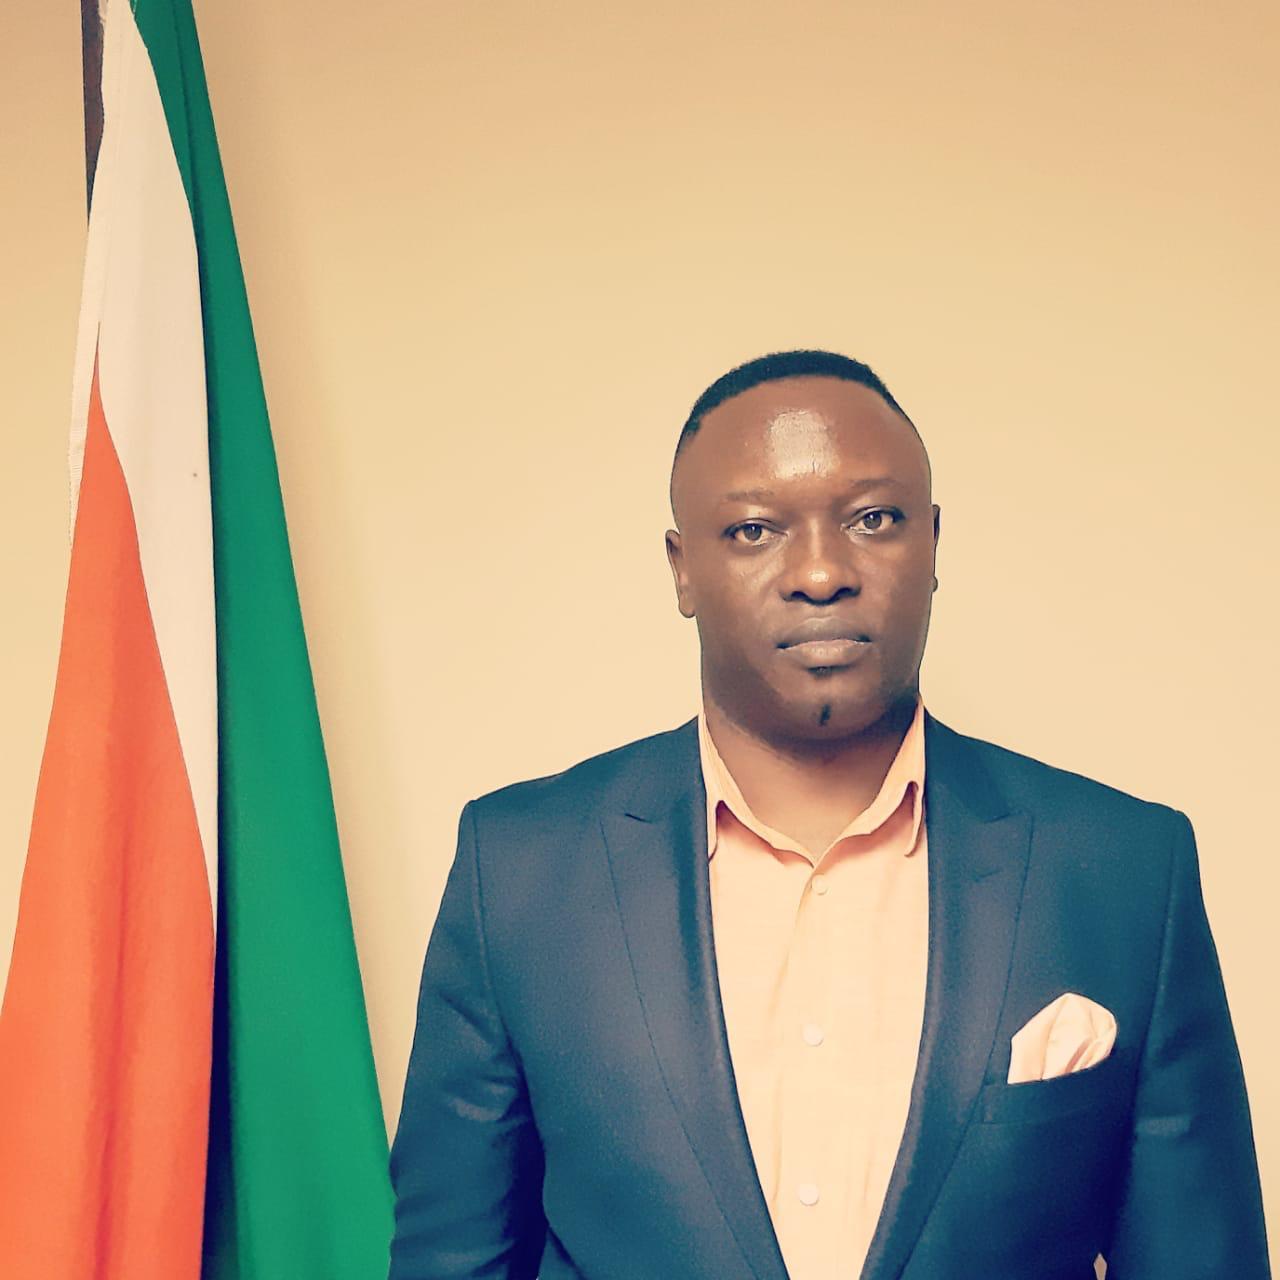 Mr Thulani Ngubane